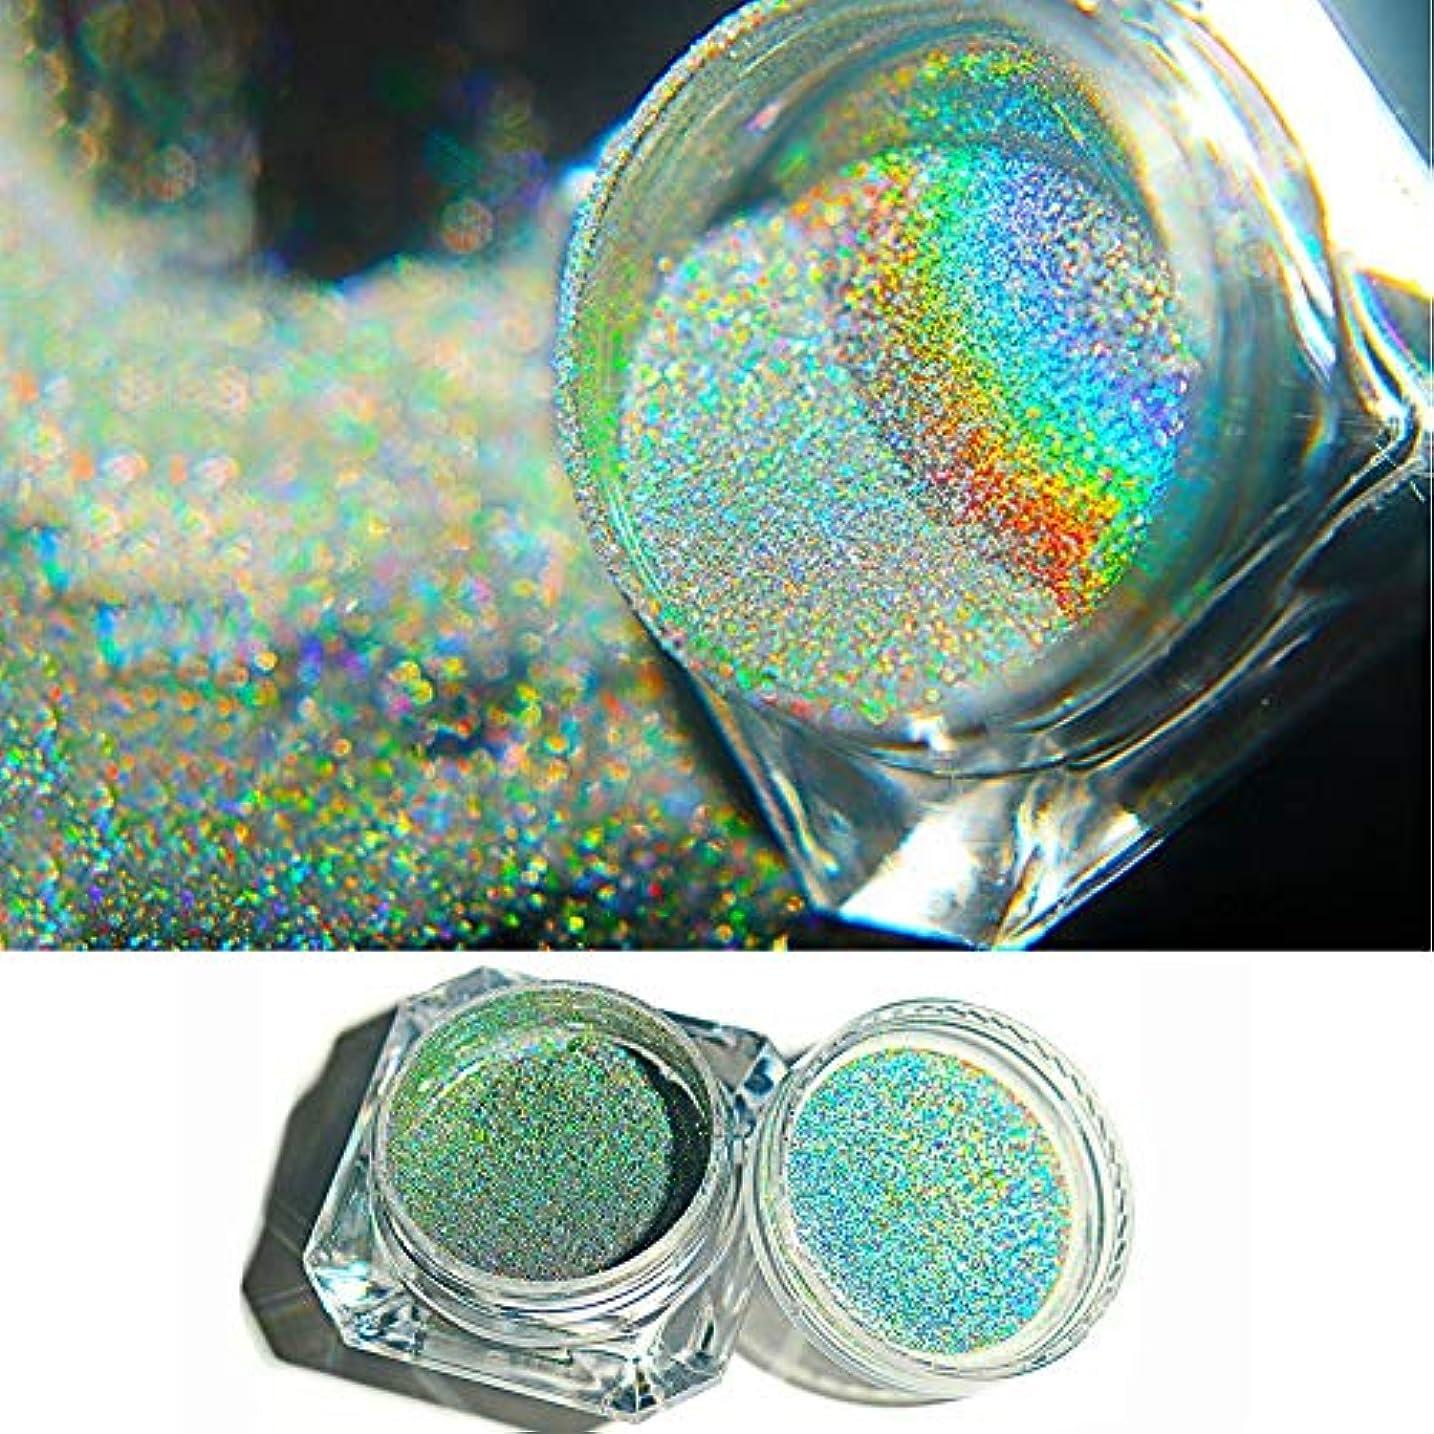 闇お金メールArtlalic 0.5グラムカメレオンネイルグリッターダストミラー効果ネイルアートクローム顔料ホログラフィックネイルパウダーマニキュア装飾